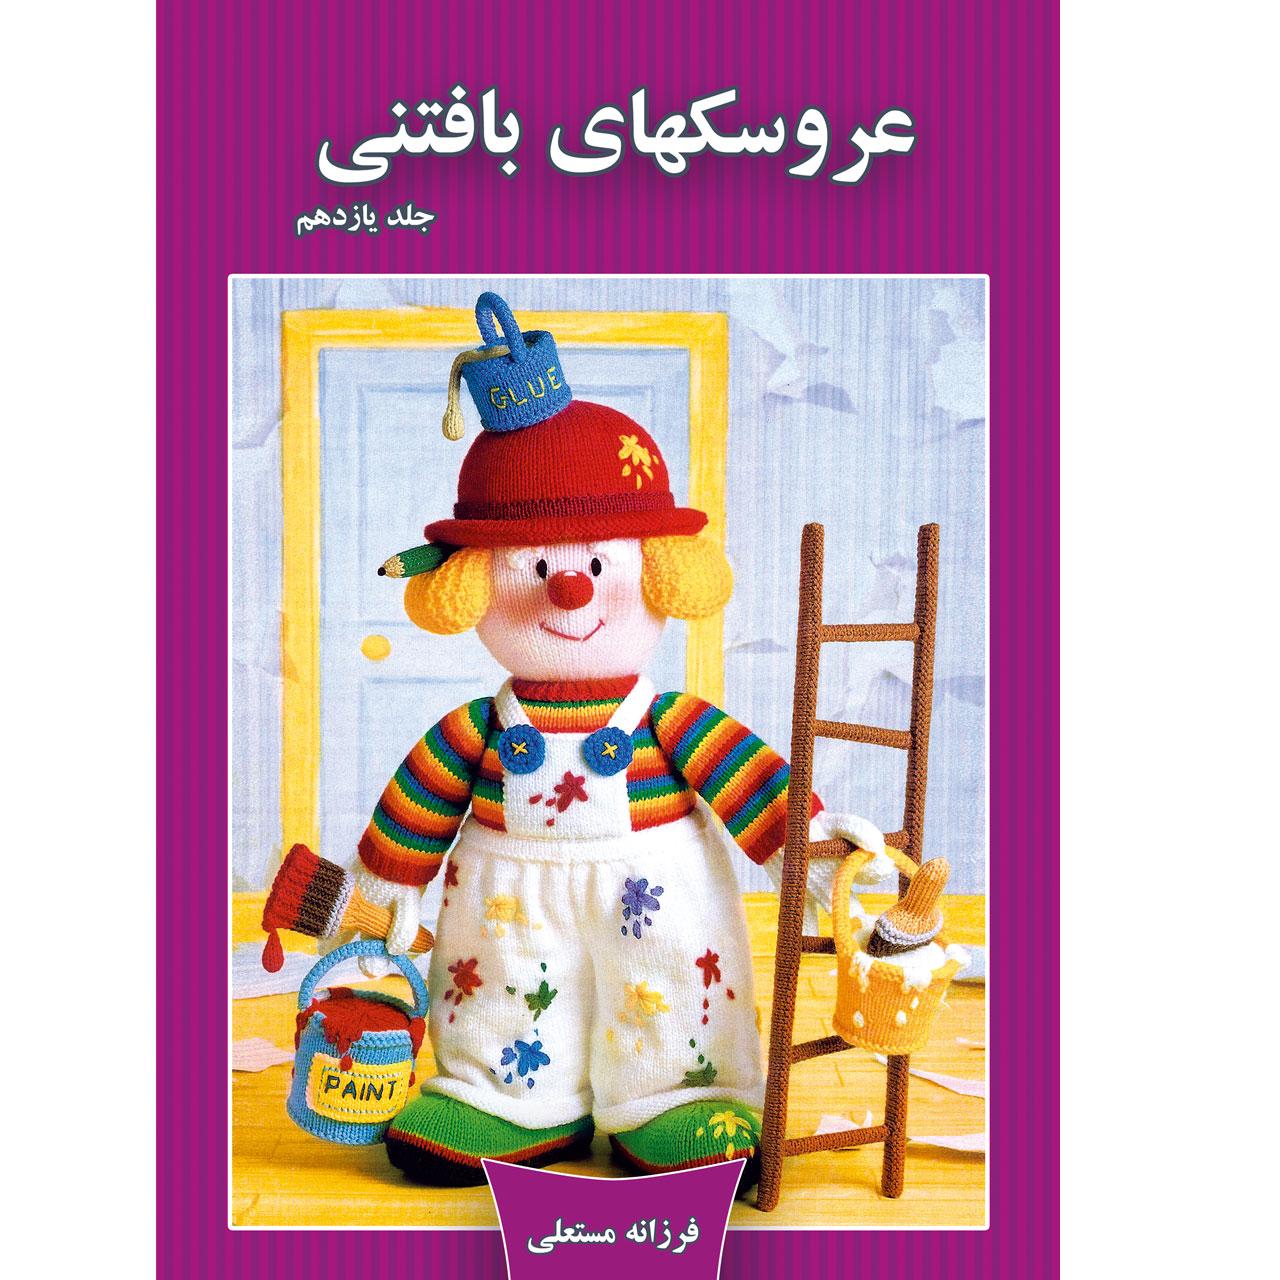 خرید                      کتاب عروسکهای بافتنی اثر فرزانه مستعلی نشر مهر پاینده جلد 11